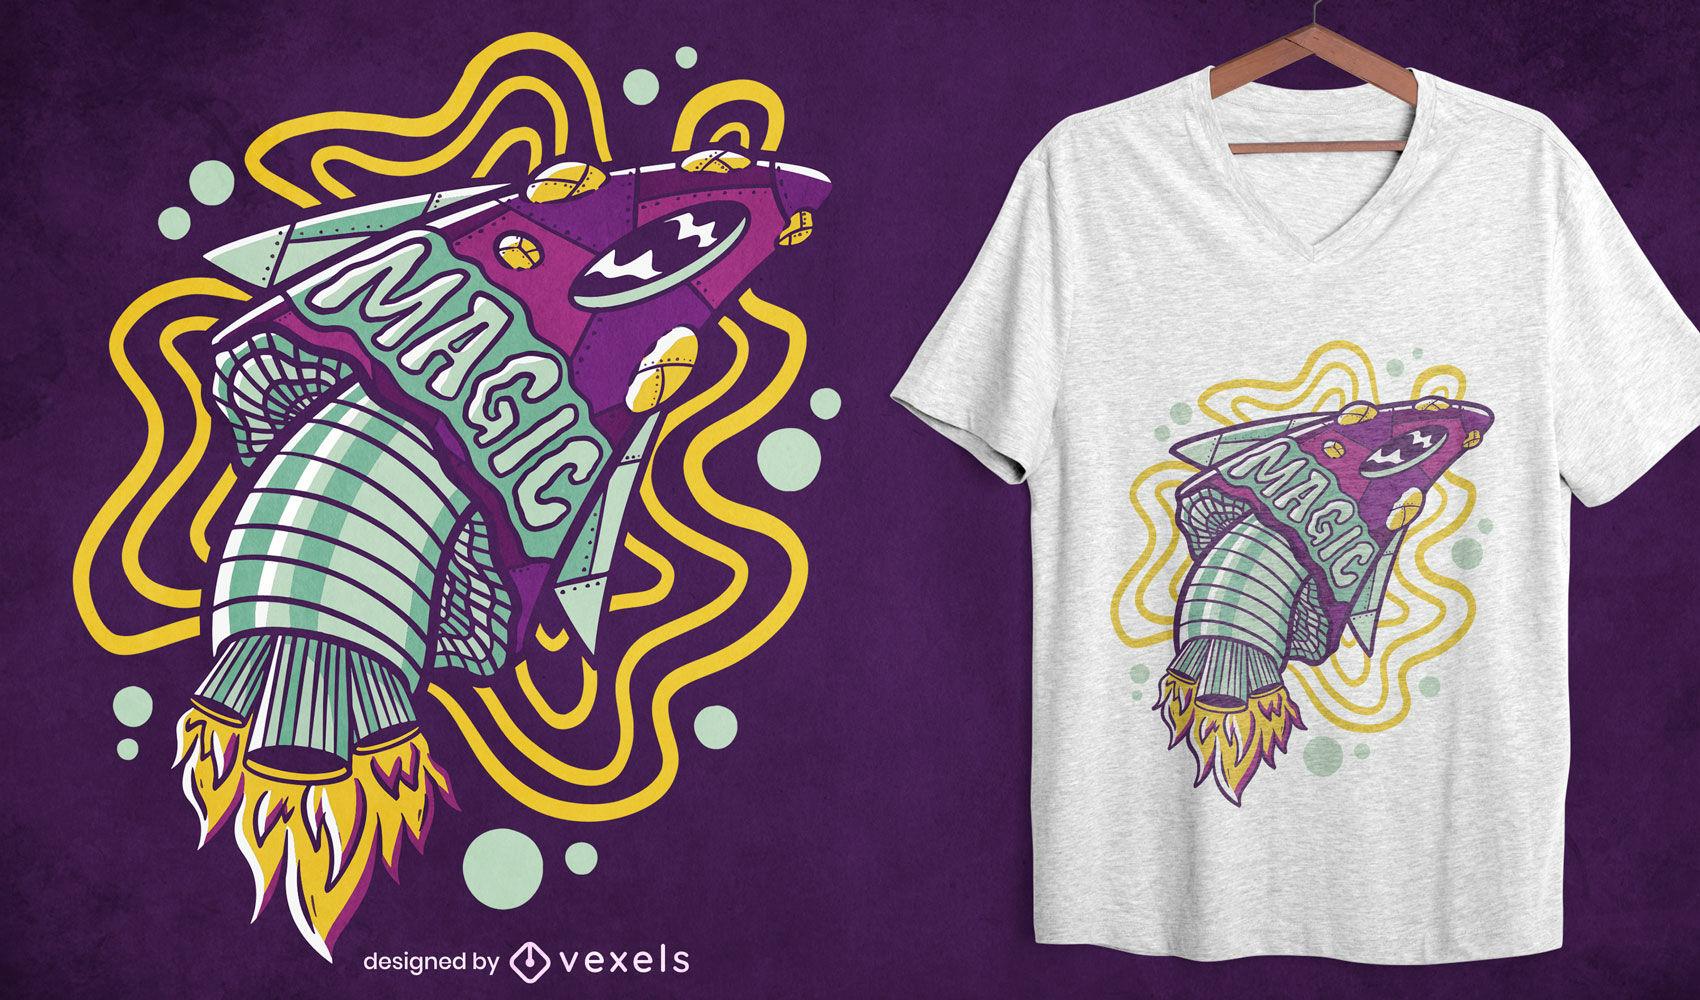 Diseño de camiseta mágica de cohete de hongos.